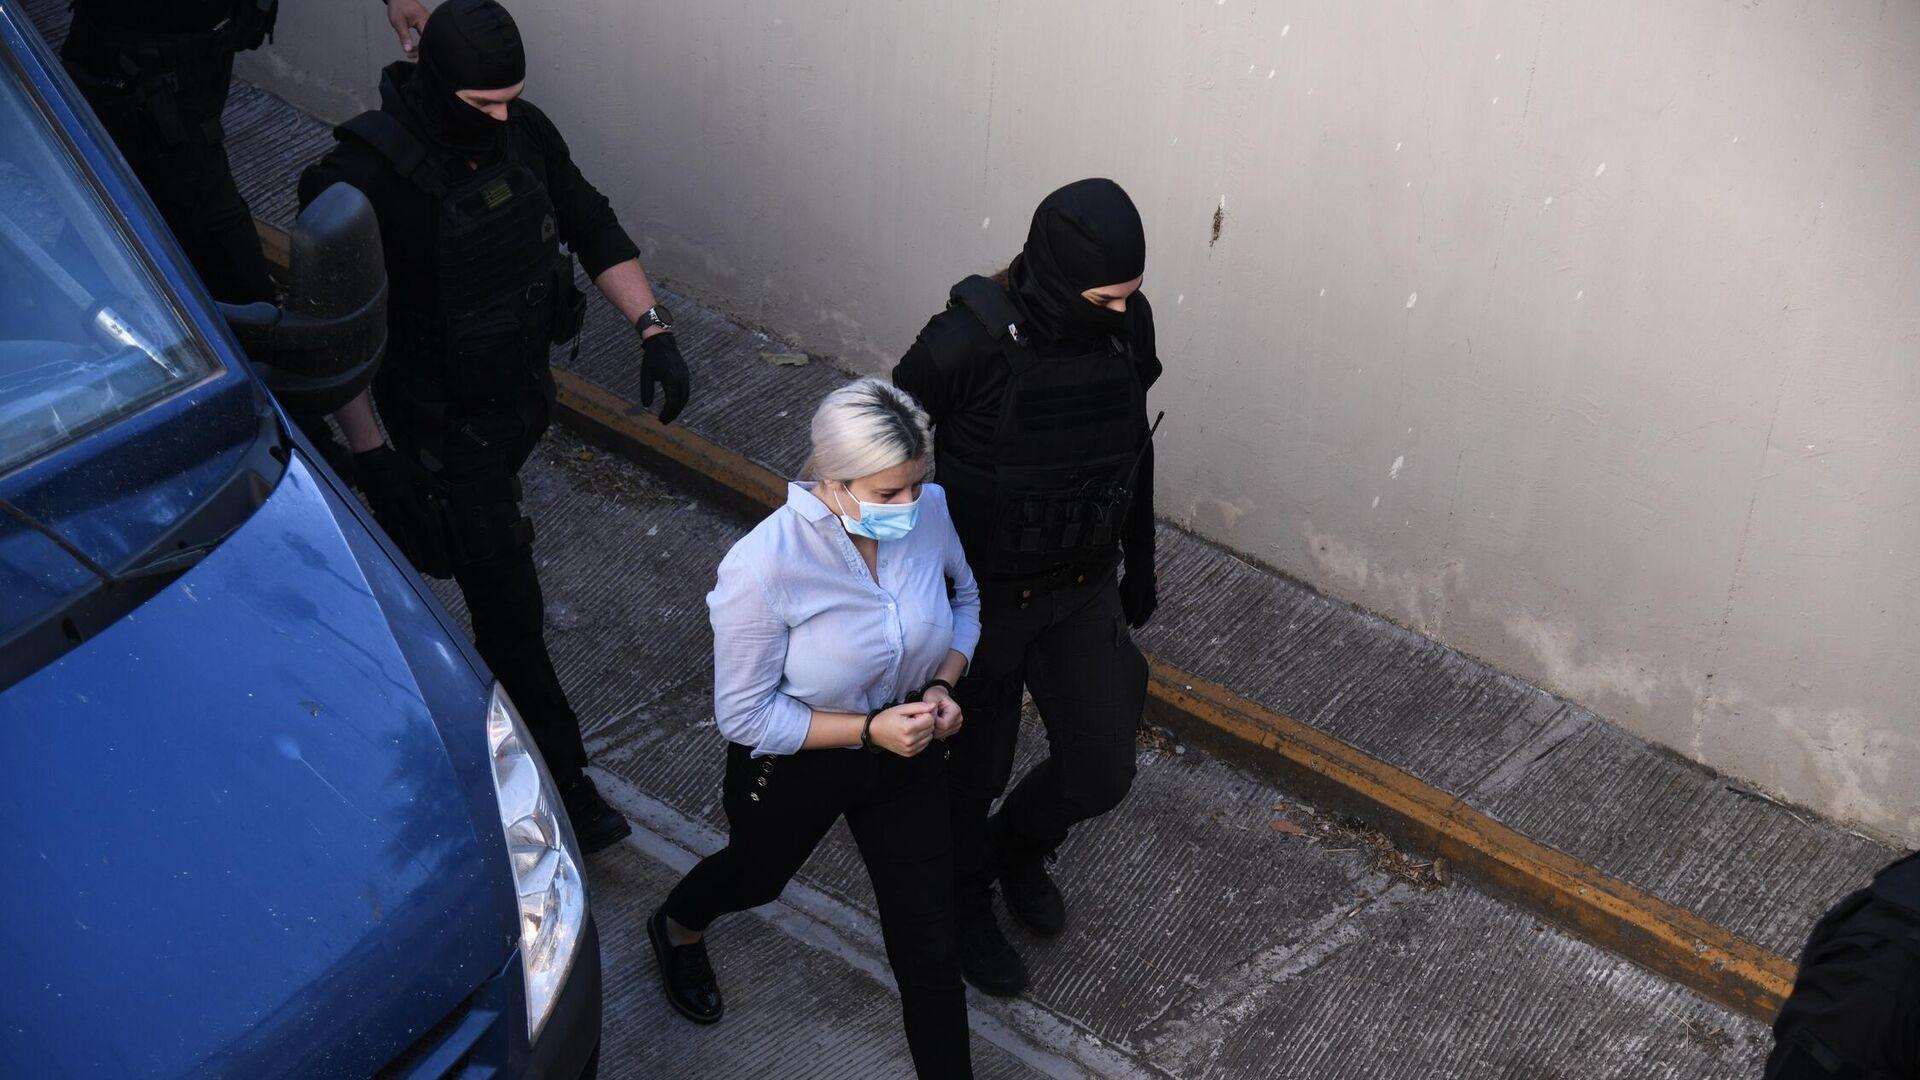 Άφιξη στο Δικαστήριο της κατηγορούμενης για την επίθεση με βιτριόλι.  - Sputnik Ελλάδα, 1920, 09.10.2021